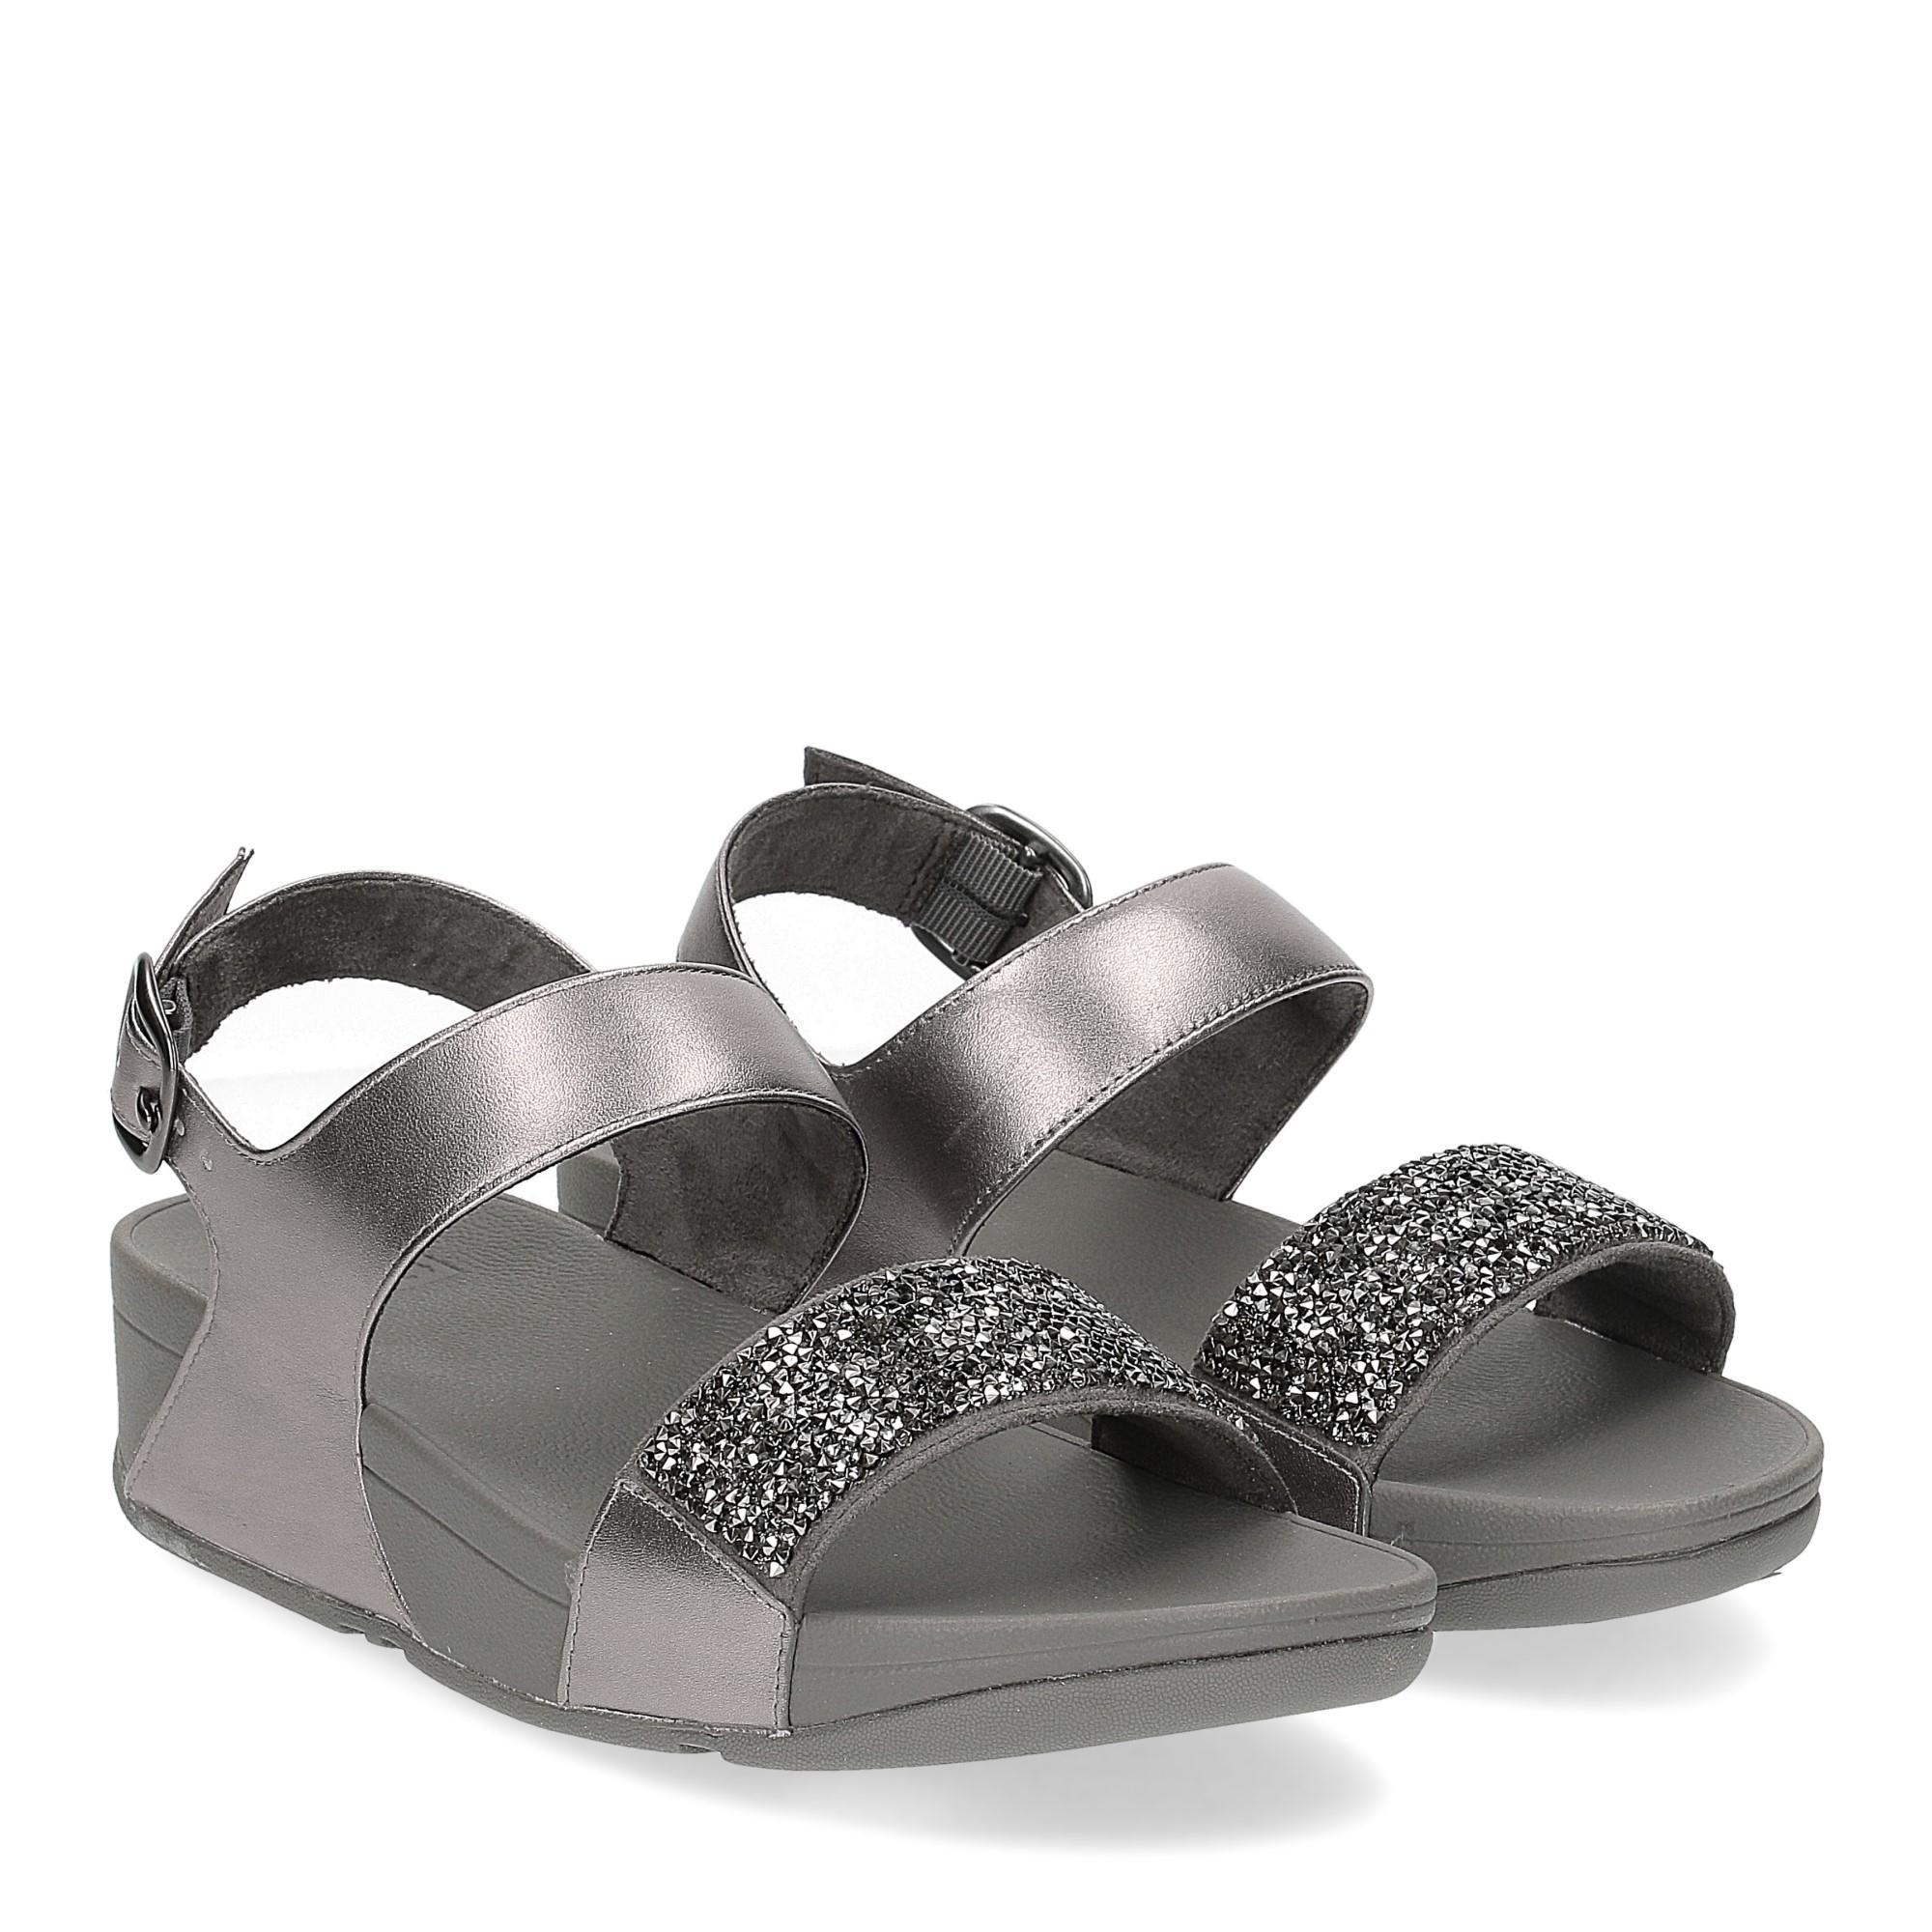 Fitflop Sparklie Crystal Sandal pewter